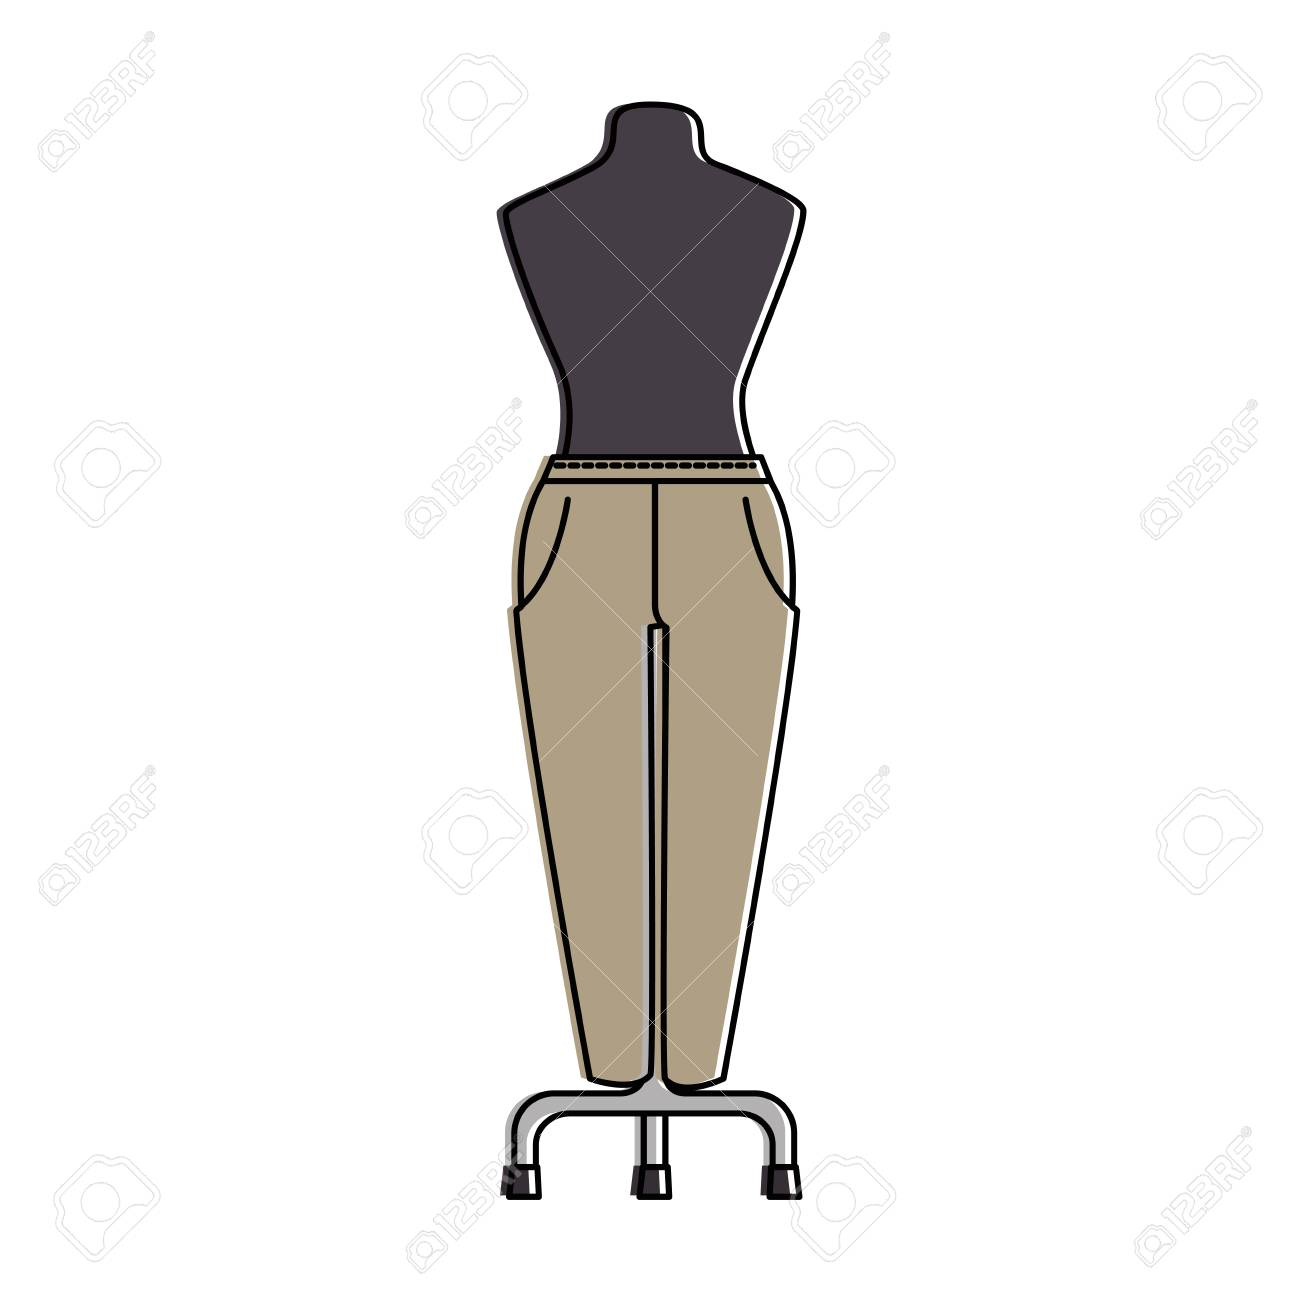 Pantalones Elegantes Para Mujeres En Maniqui Diseno De Ilustracion Vectorial Ilustraciones Vectoriales Clip Art Vectorizado Libre De Derechos Image 96428850